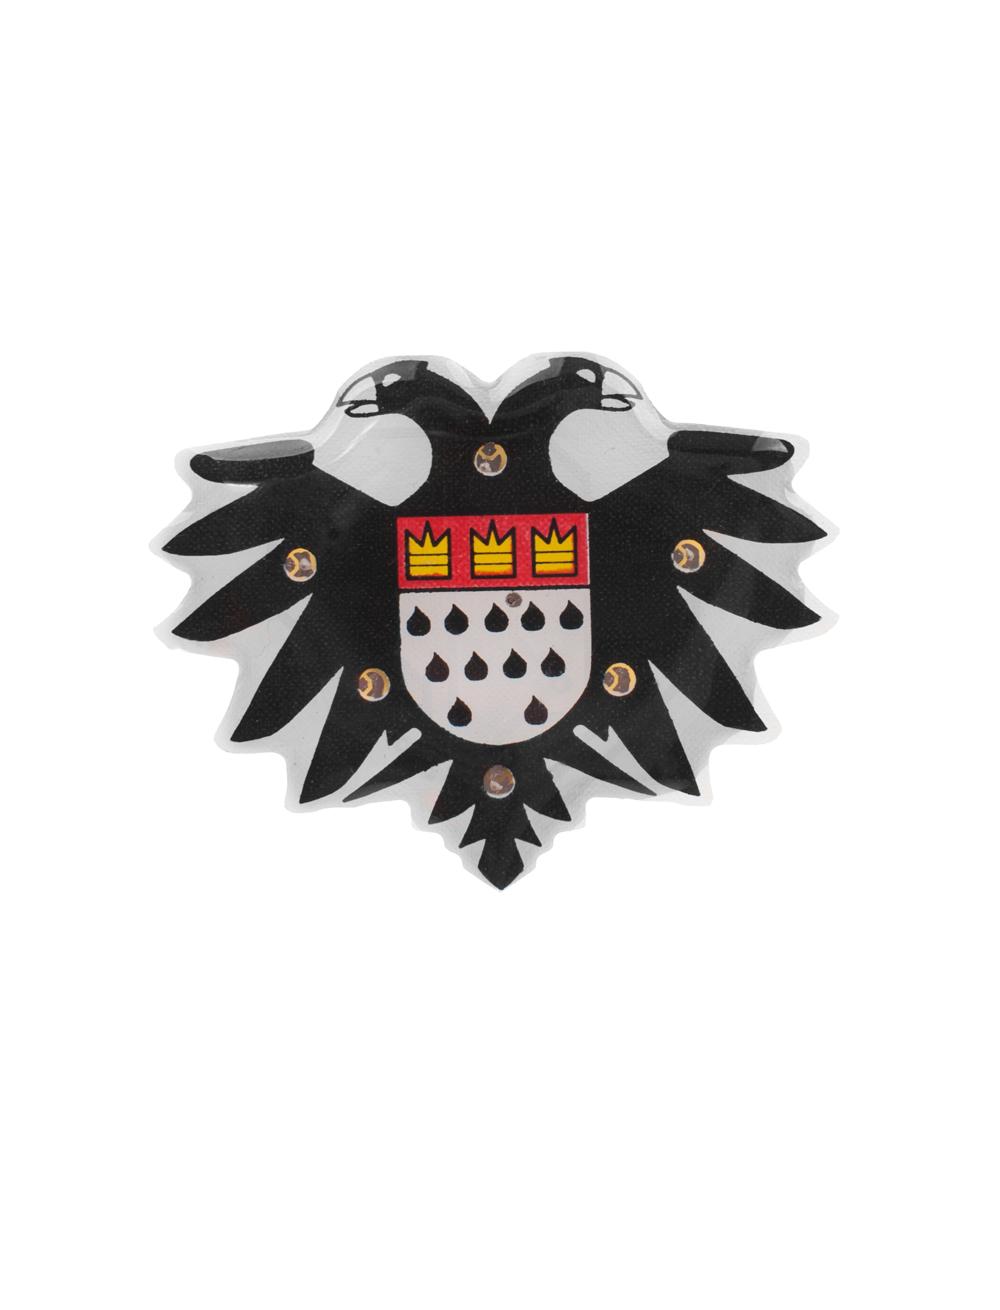 Kostuemzubehor Blinky Koln Adler Farbe: schwarz